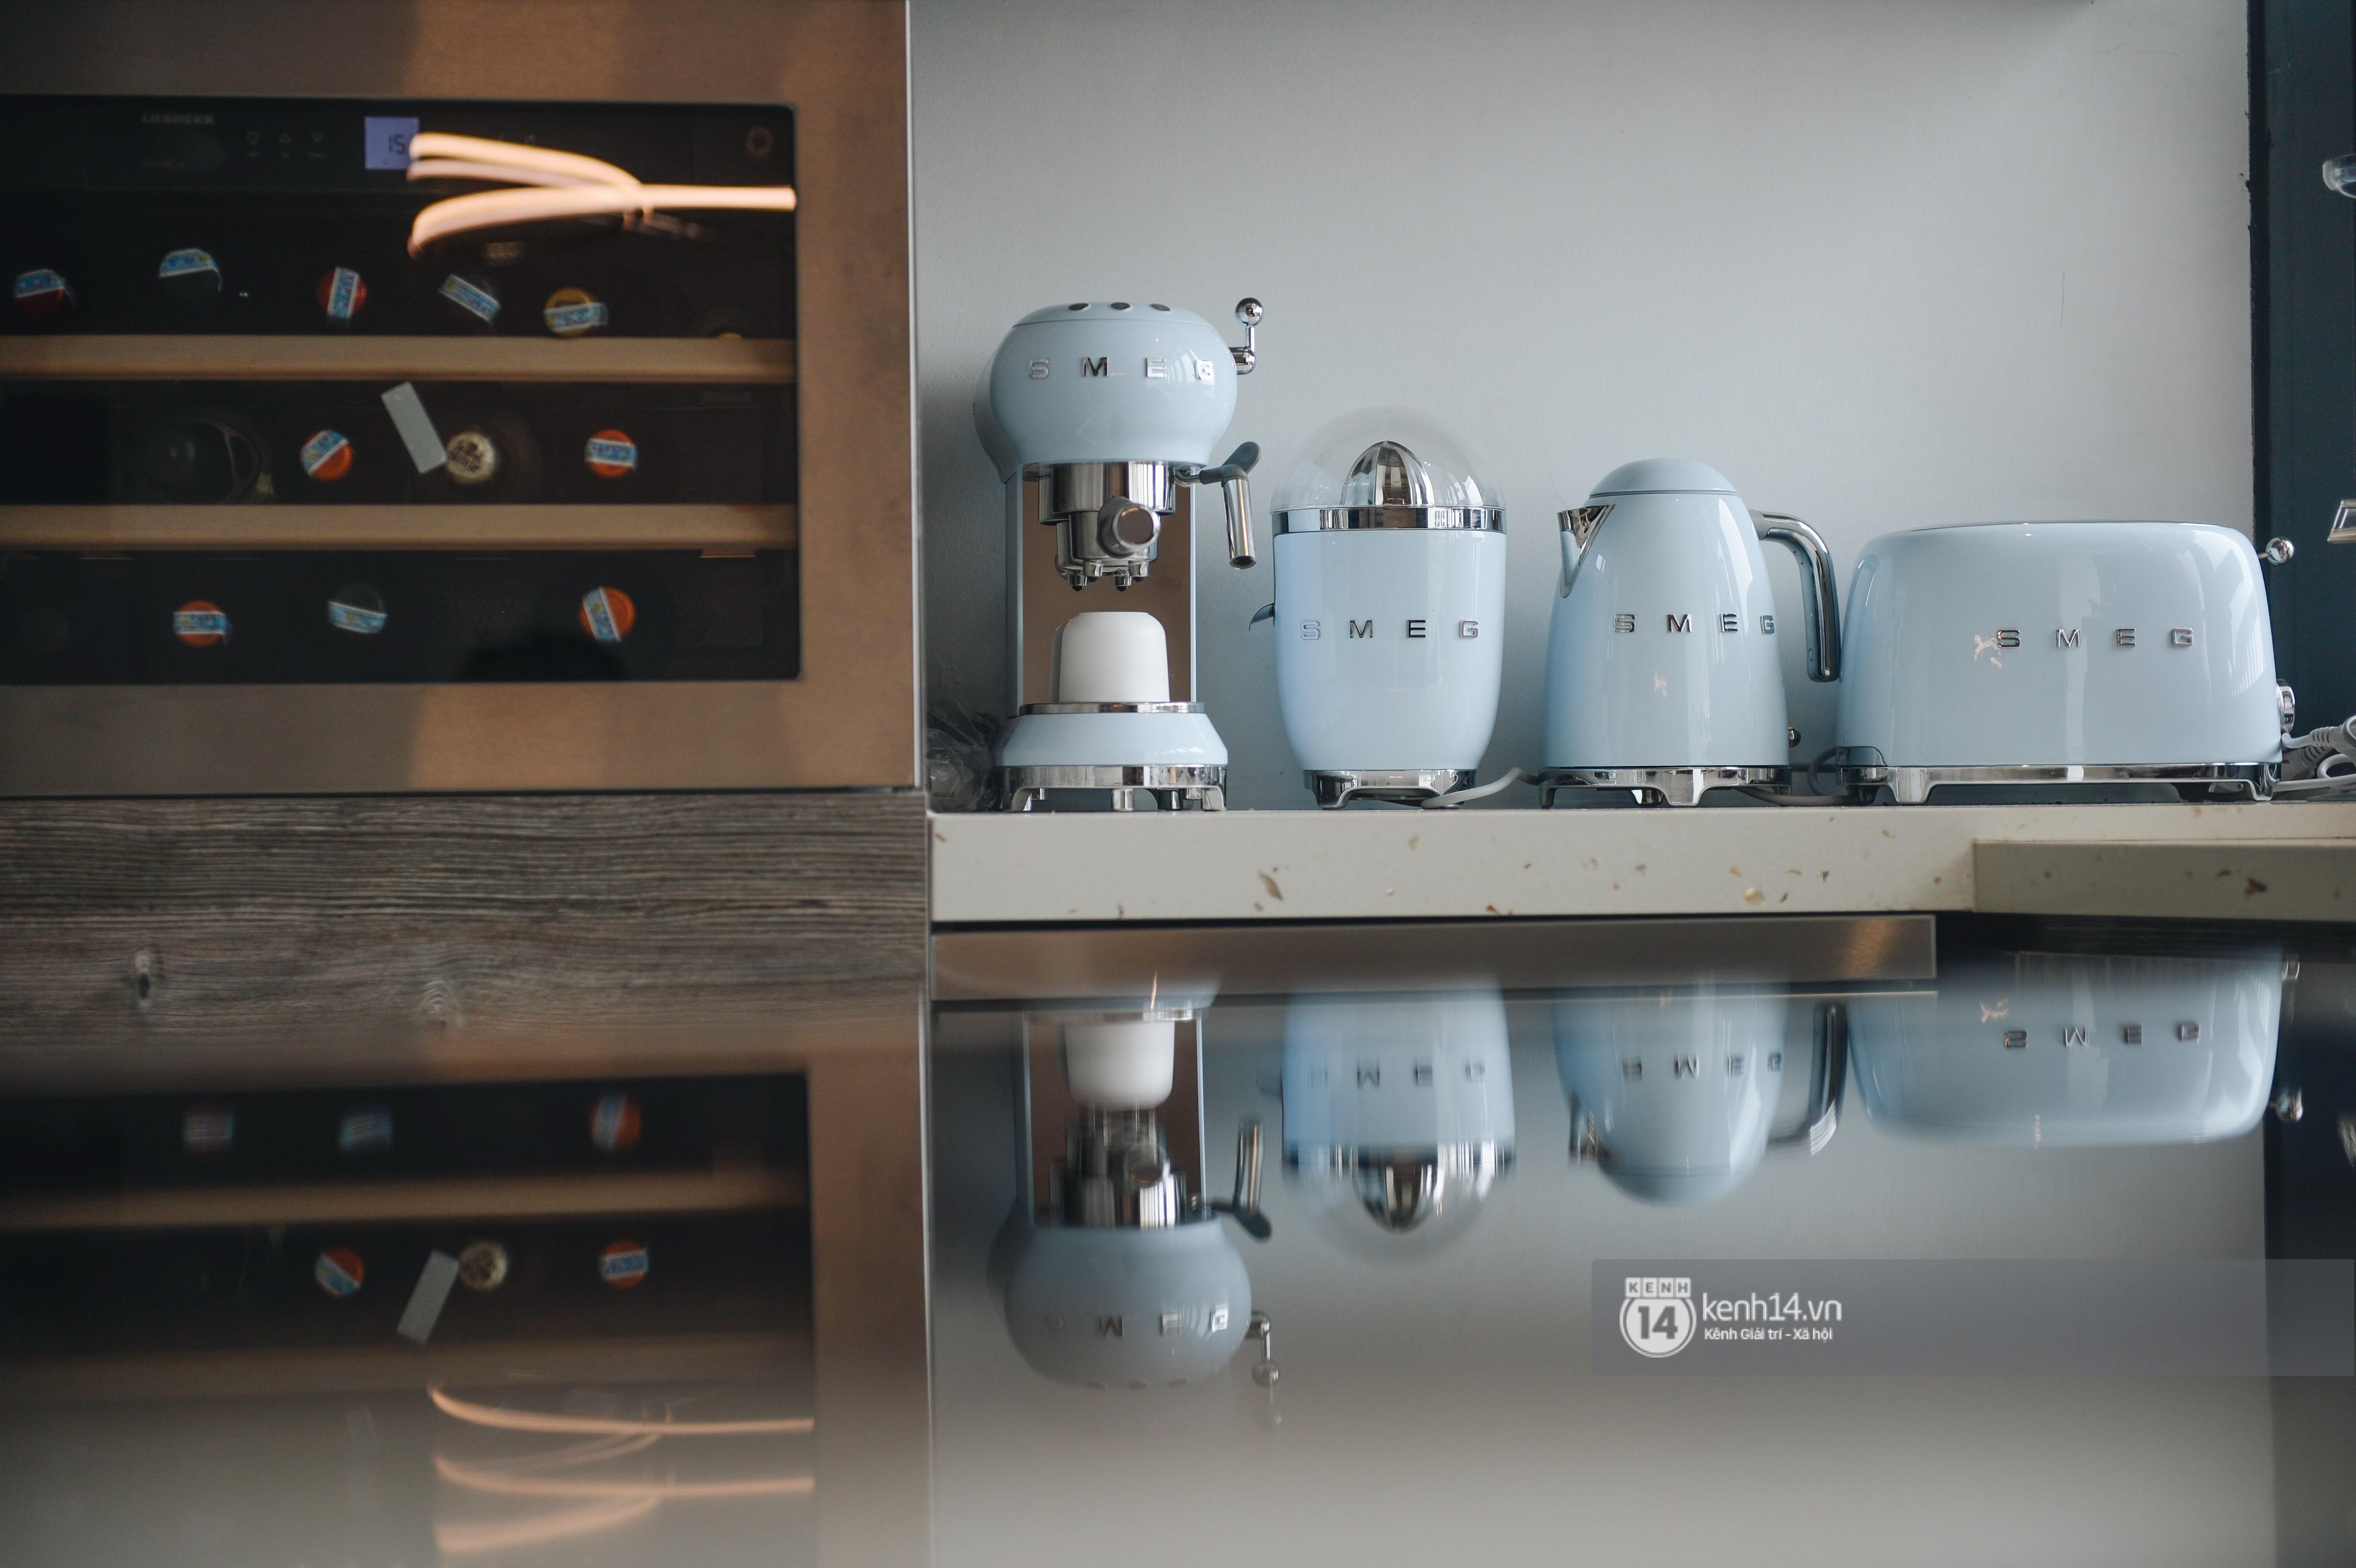 Đồ gia dụng nhà ca nương Kiều Anh quá đỉnh: Máy hút mùi ẩn hiện, tủ lạnh cũng phải ghép riêng 2 chiếc hơn 400 triệu - Ảnh 6.